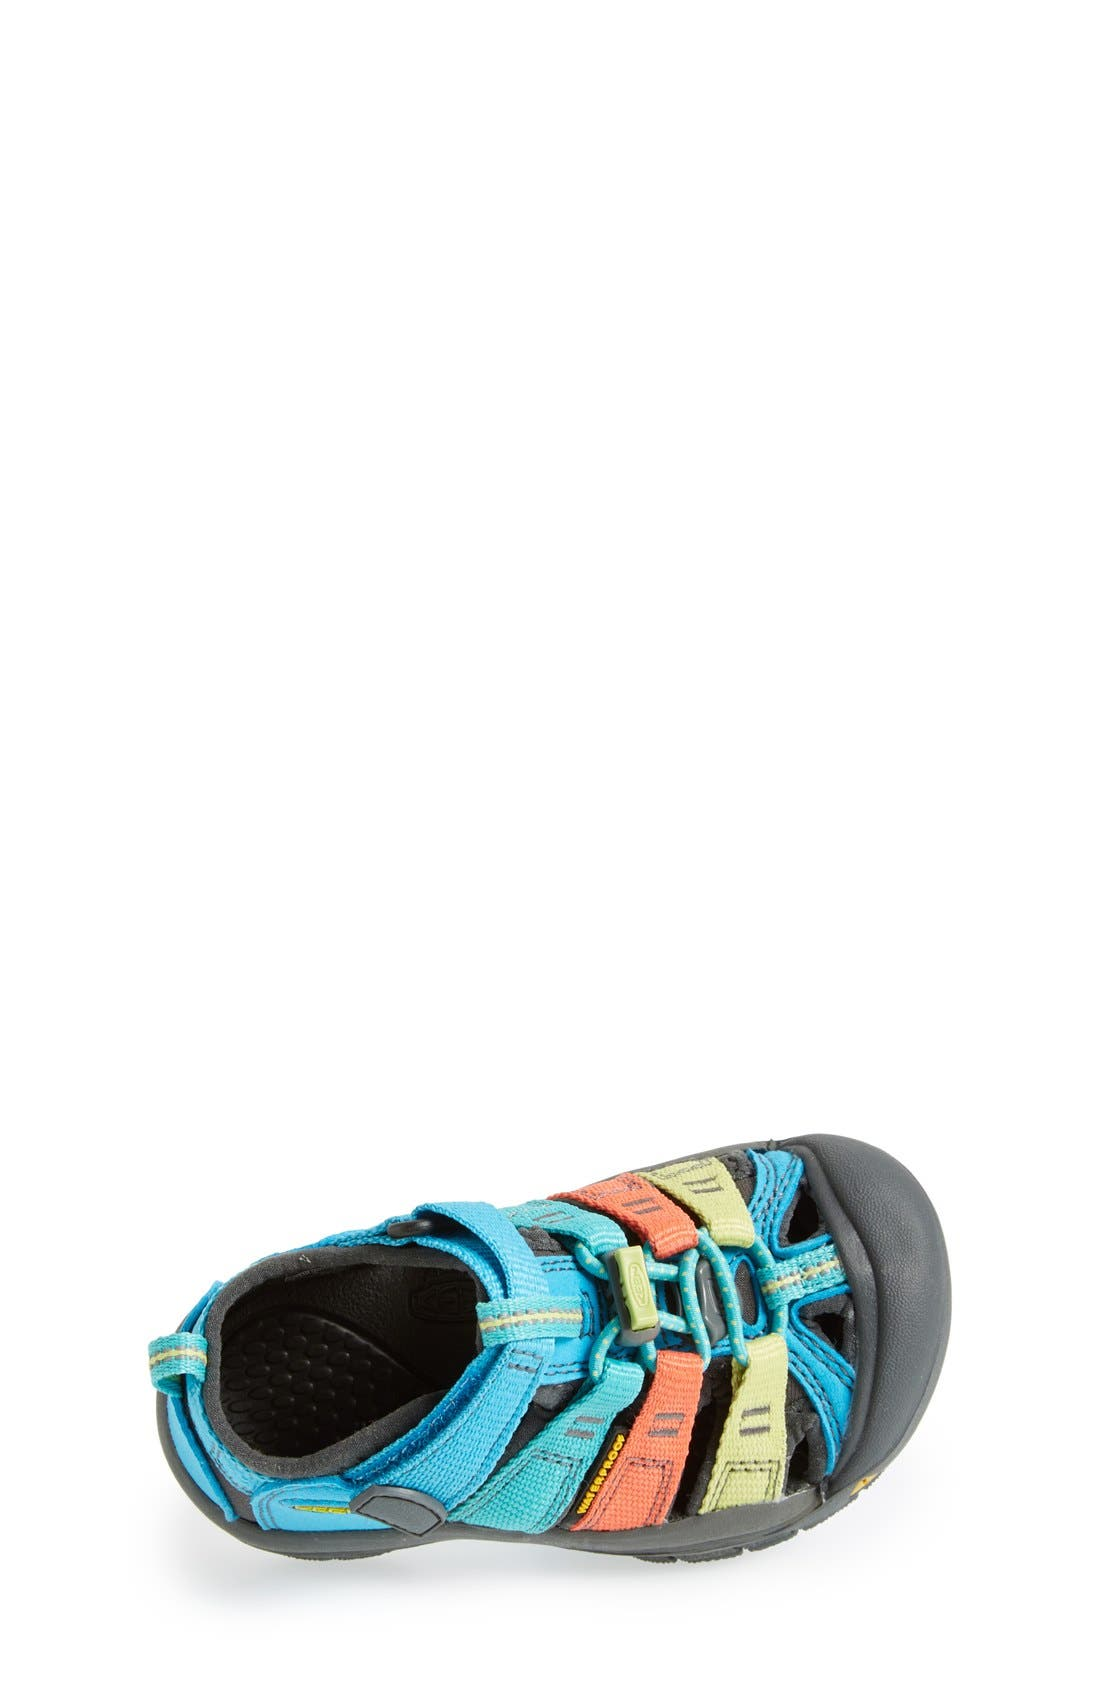 Alternate Image 3  - Keen 'Newport H2' Waterproof Sandal (Baby, Walker, Toddler, Little Kid & Big Kid)